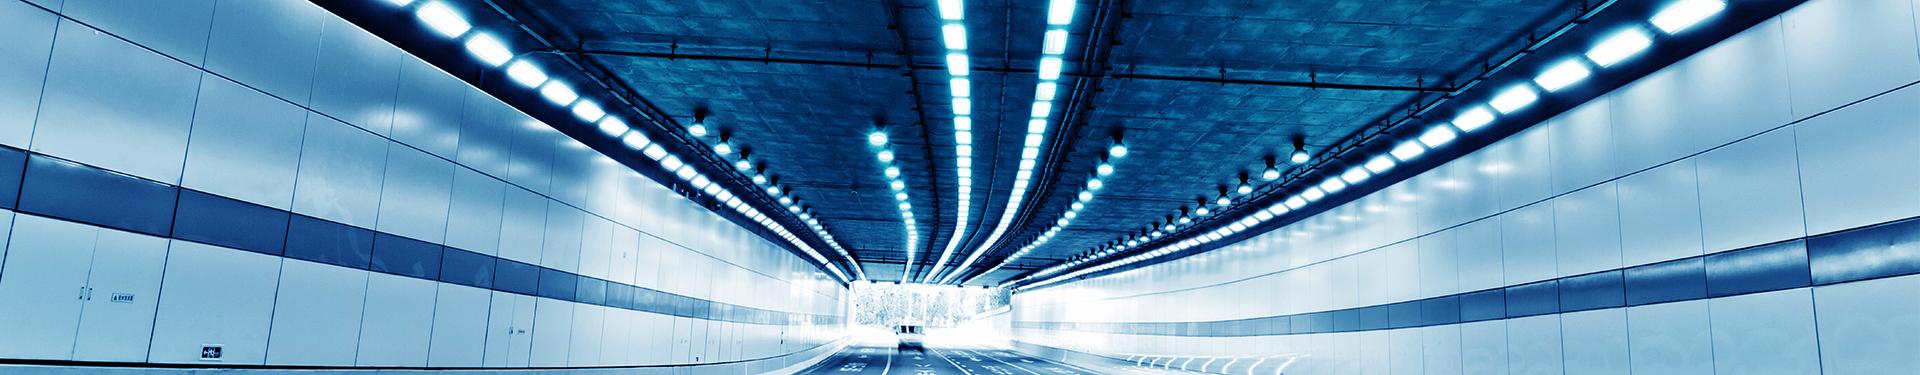 tunnelbanner